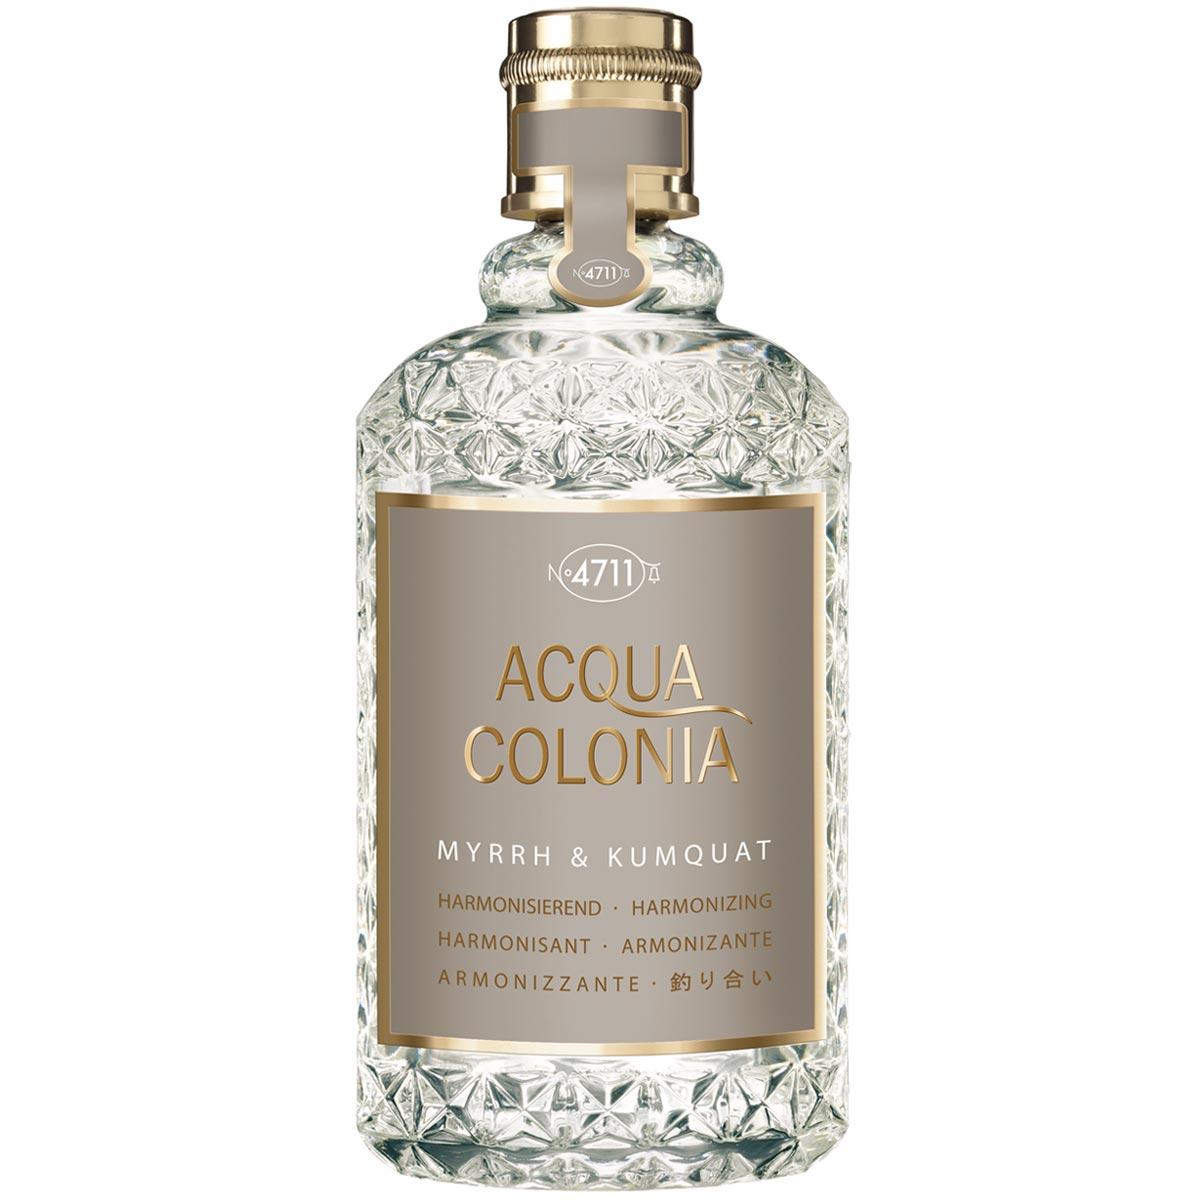 Eau de Cologne Acqua Colonia Myrrhe & Kumquat - 4711